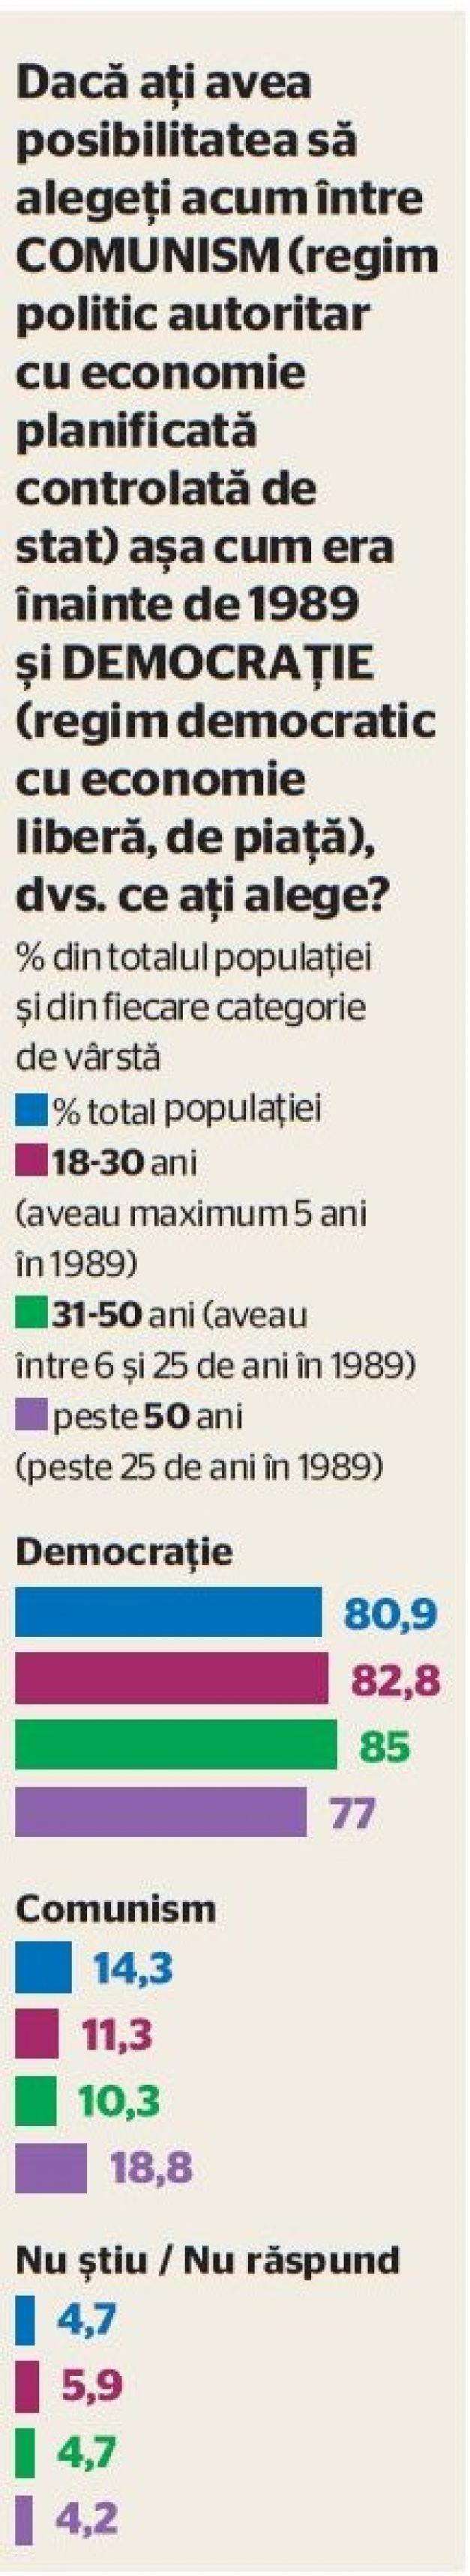 DECEMBRIE 2014 – Candidați ipotetici: PCR și Nicolae Ceaușescu Președinții în regimul democratic Comunism vs. Democrație